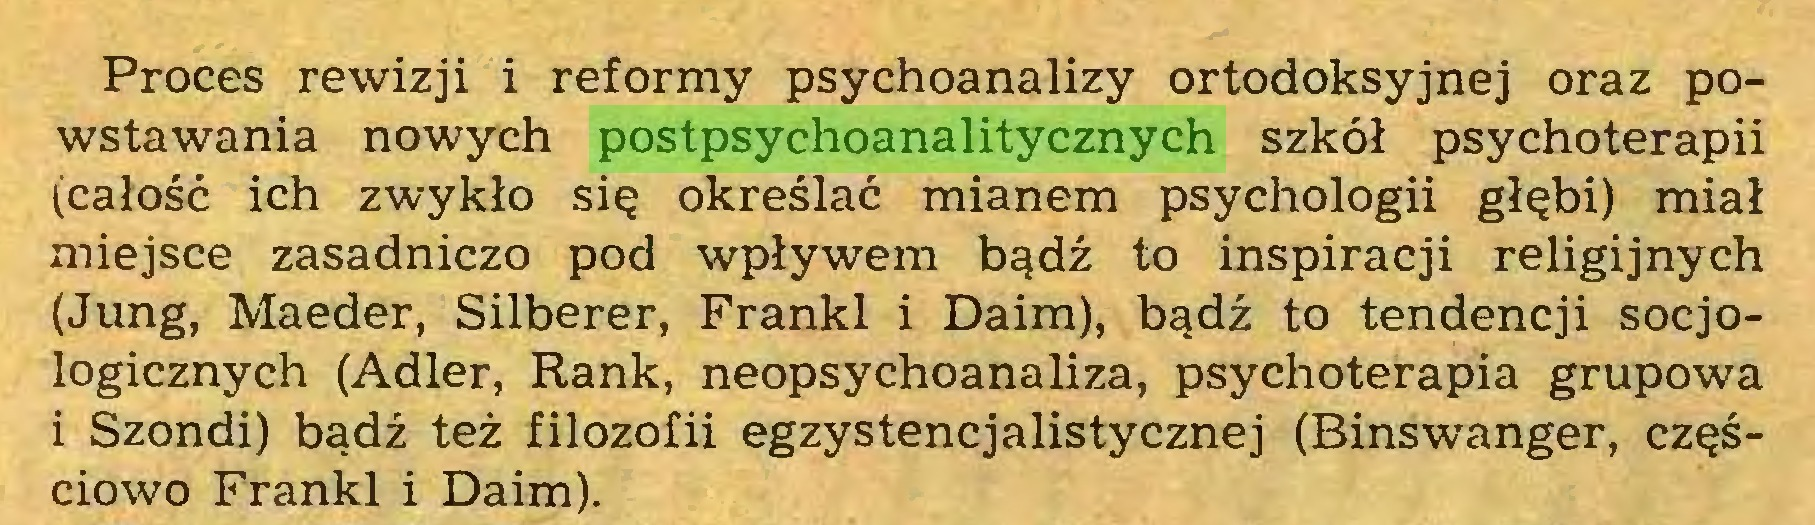 (...) Proces rewizji i reformy psychoanalizy ortodoksyjnej oraz powstawania nowych postpsychoanalitycznych szkół psychoterapii (całość ich zwykło się określać mianem psychologii głębi) miał miejsce zasadniczo pod wpływem bądź to inspiracji religijnych (Jung, Maeder, Silberer, Franki i Daim), bądź to tendencji socjologicznych (Adler, Rank, neopsychoanaliza, psychoterapia grupowa i Szondi) bądź też filozofii egzystencjalistycznej (Binswanger, częściowo Franki i Daim)...